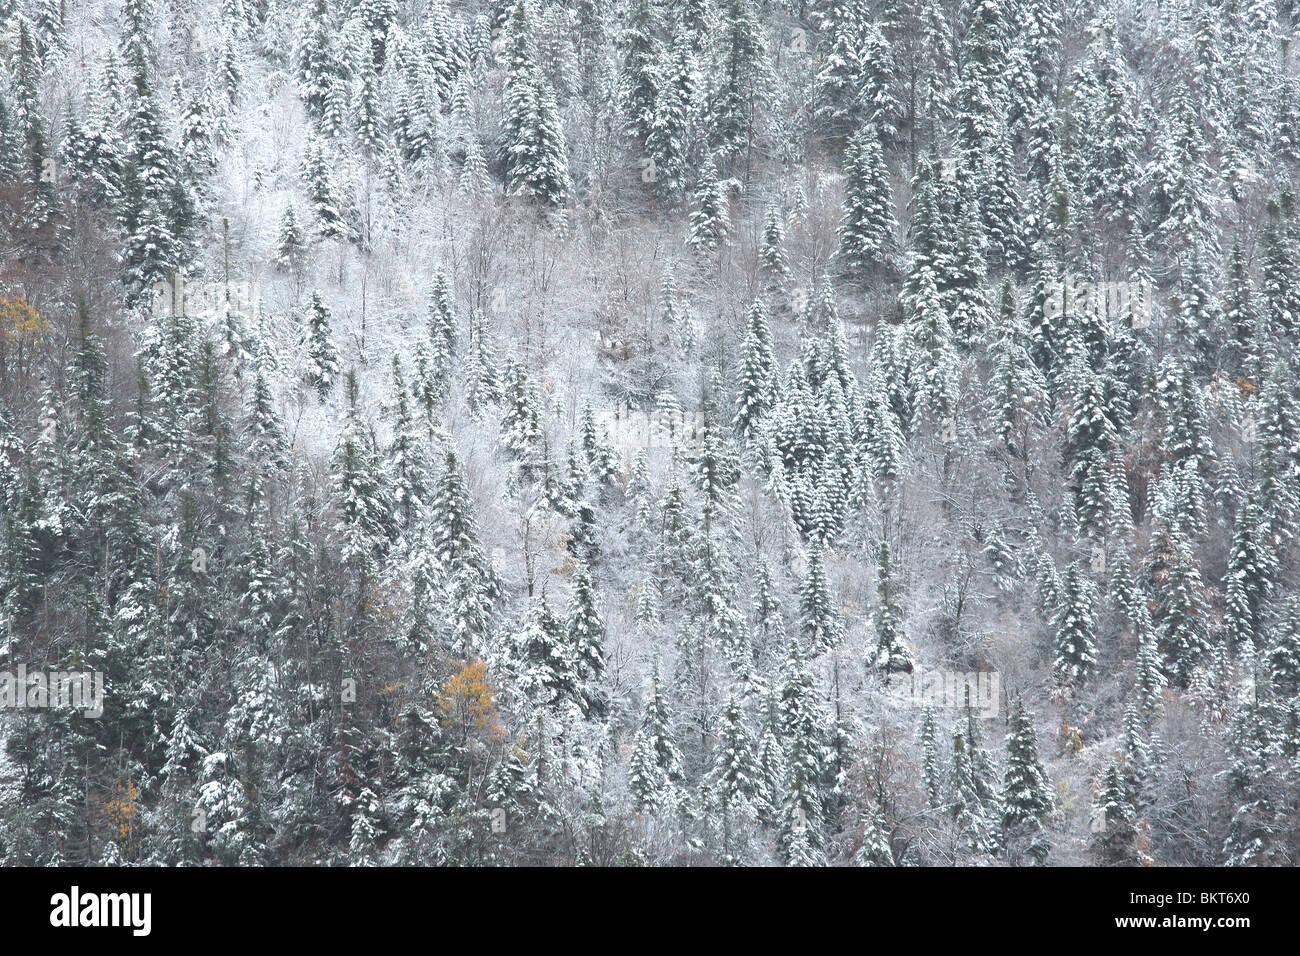 Besneeuwde bergtoppen en rotsen met naaldbos in mist, nationaal park Vercors, Frankrijk Snow covered mountain peaks - Stock Image